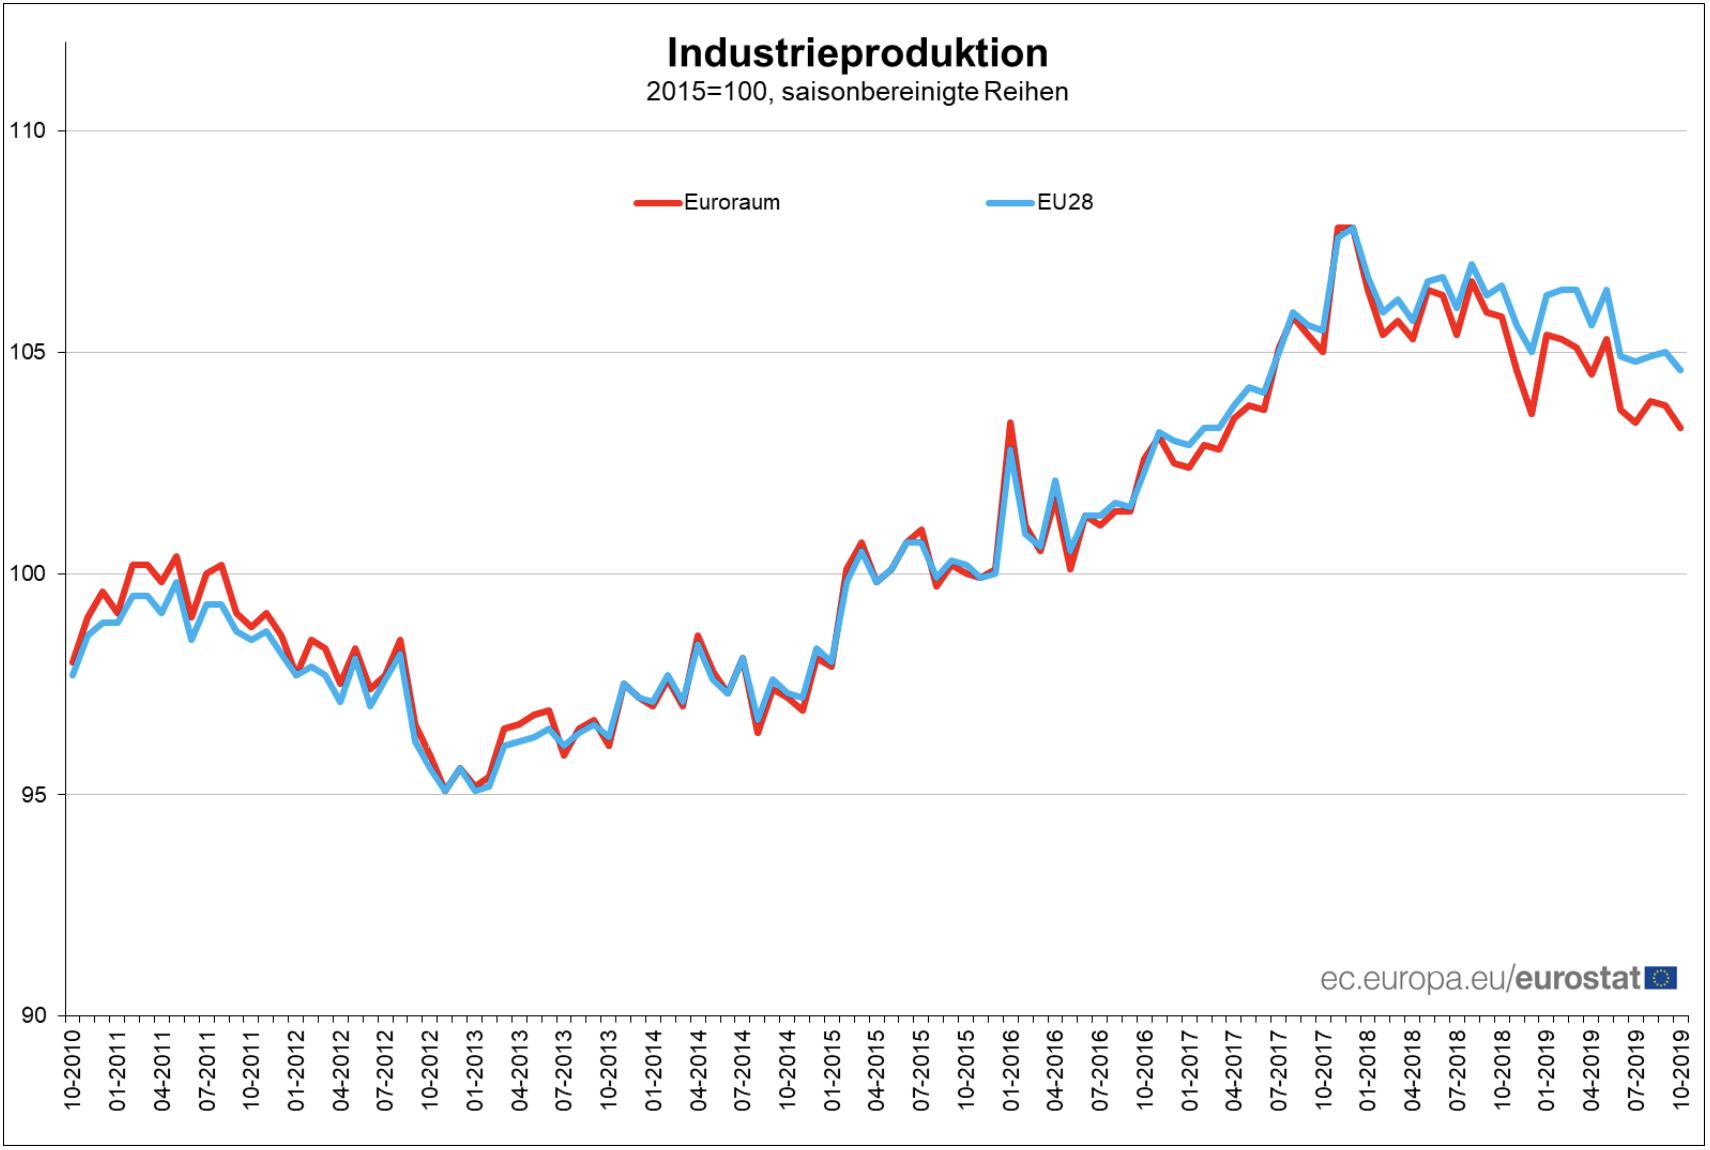 Statistik der Industrieproduktion in der EU